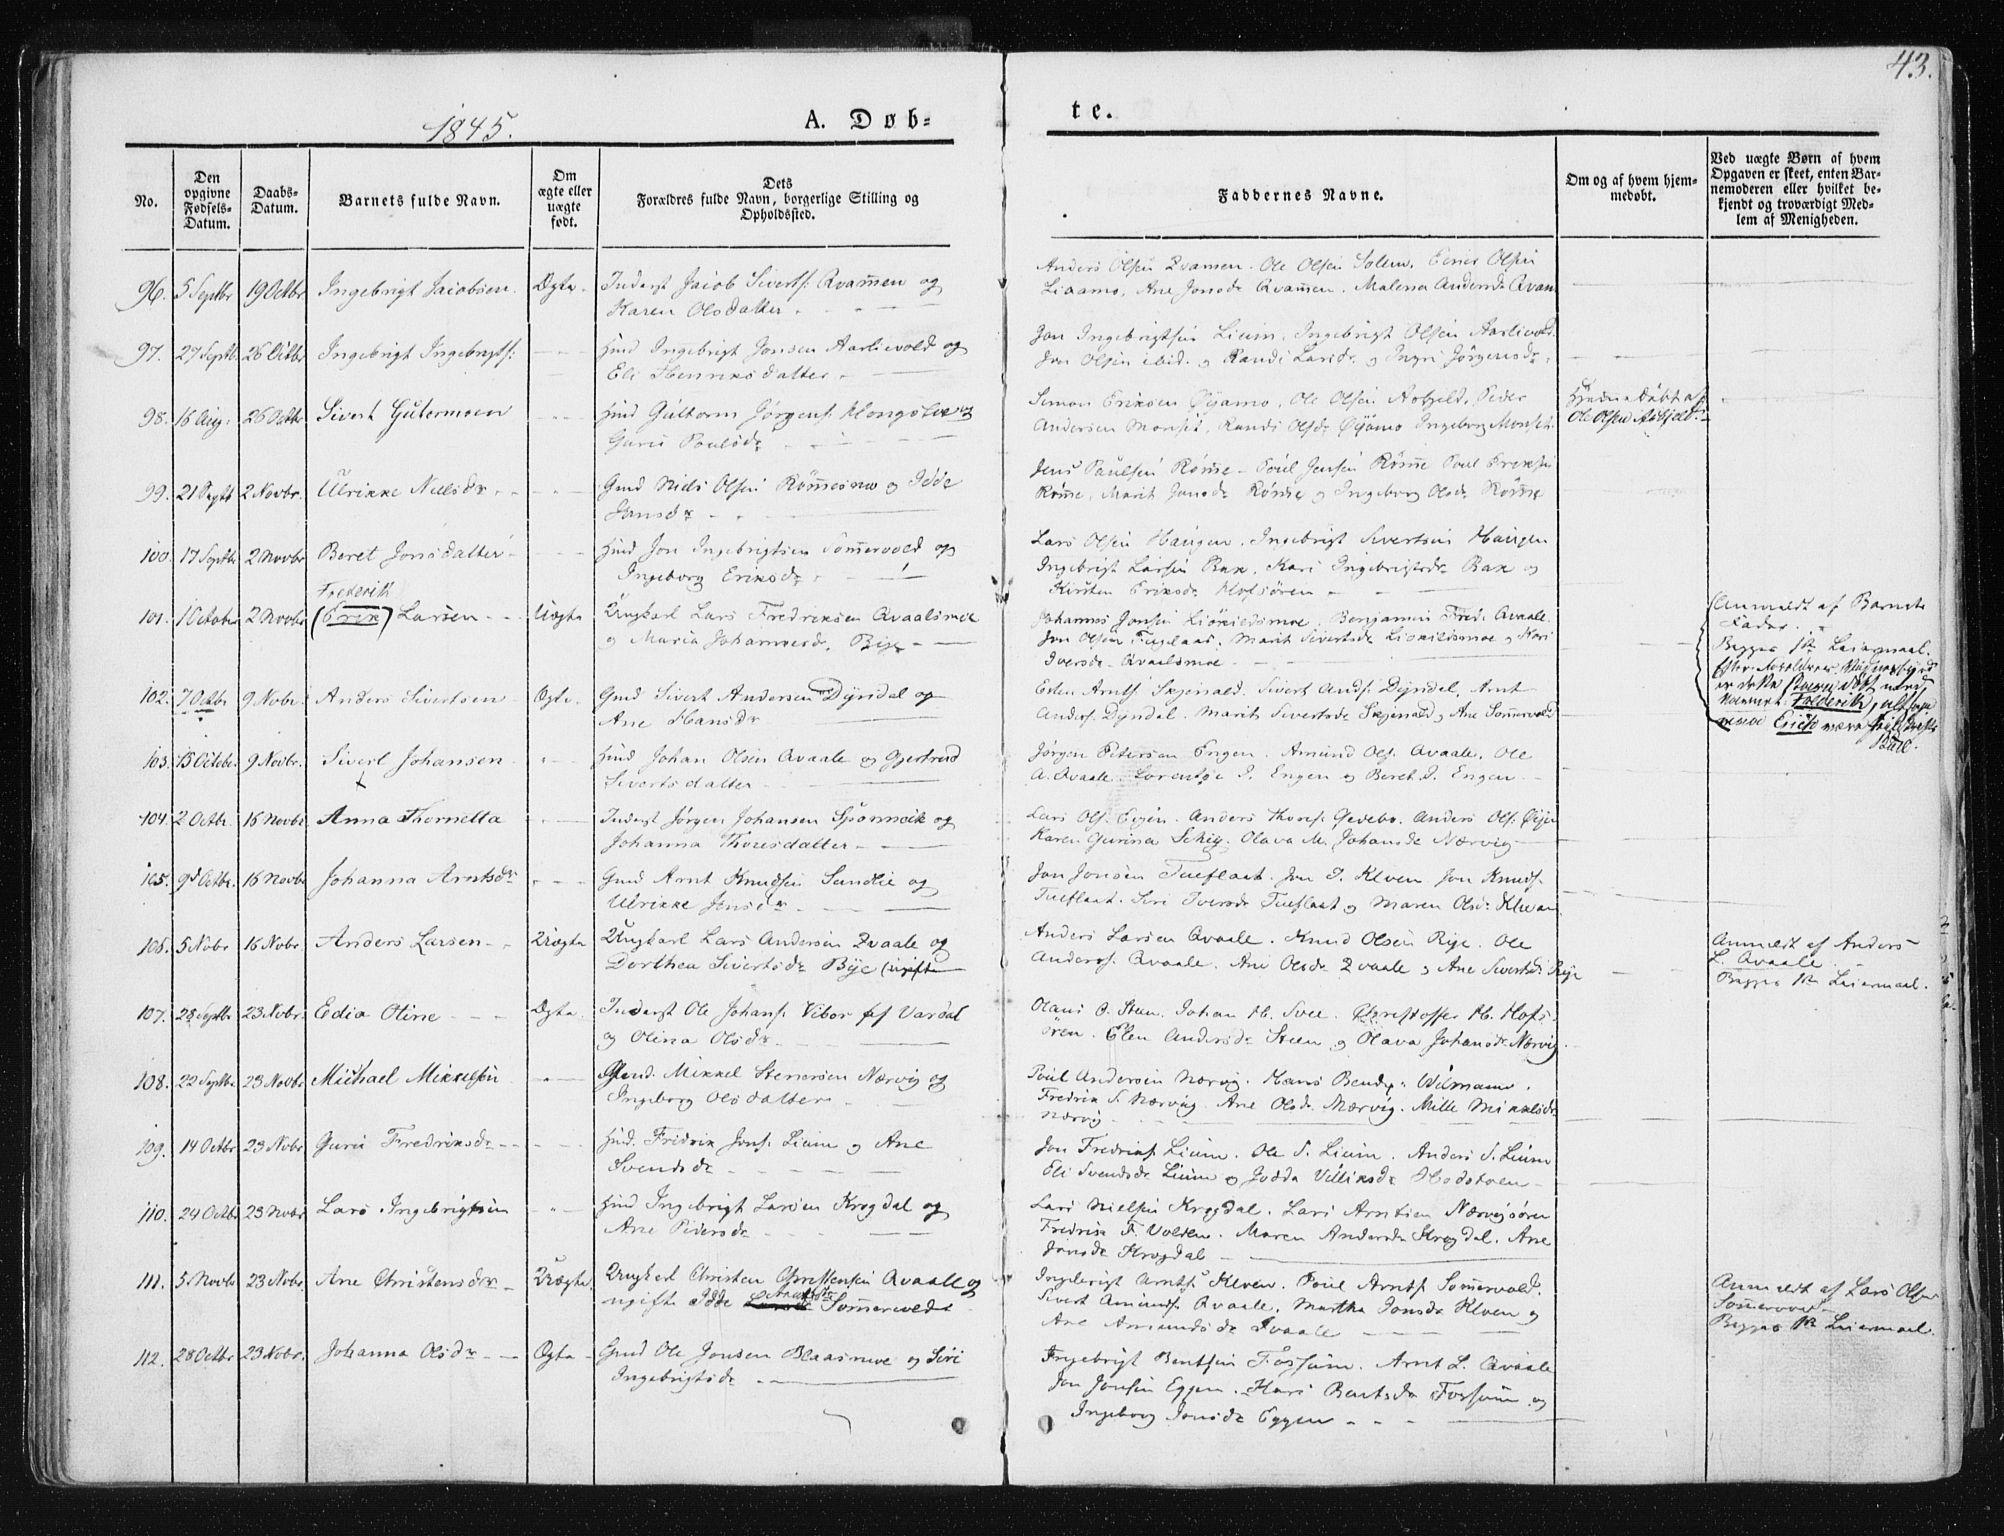 SAT, Ministerialprotokoller, klokkerbøker og fødselsregistre - Sør-Trøndelag, 668/L0805: Ministerialbok nr. 668A05, 1840-1853, s. 43